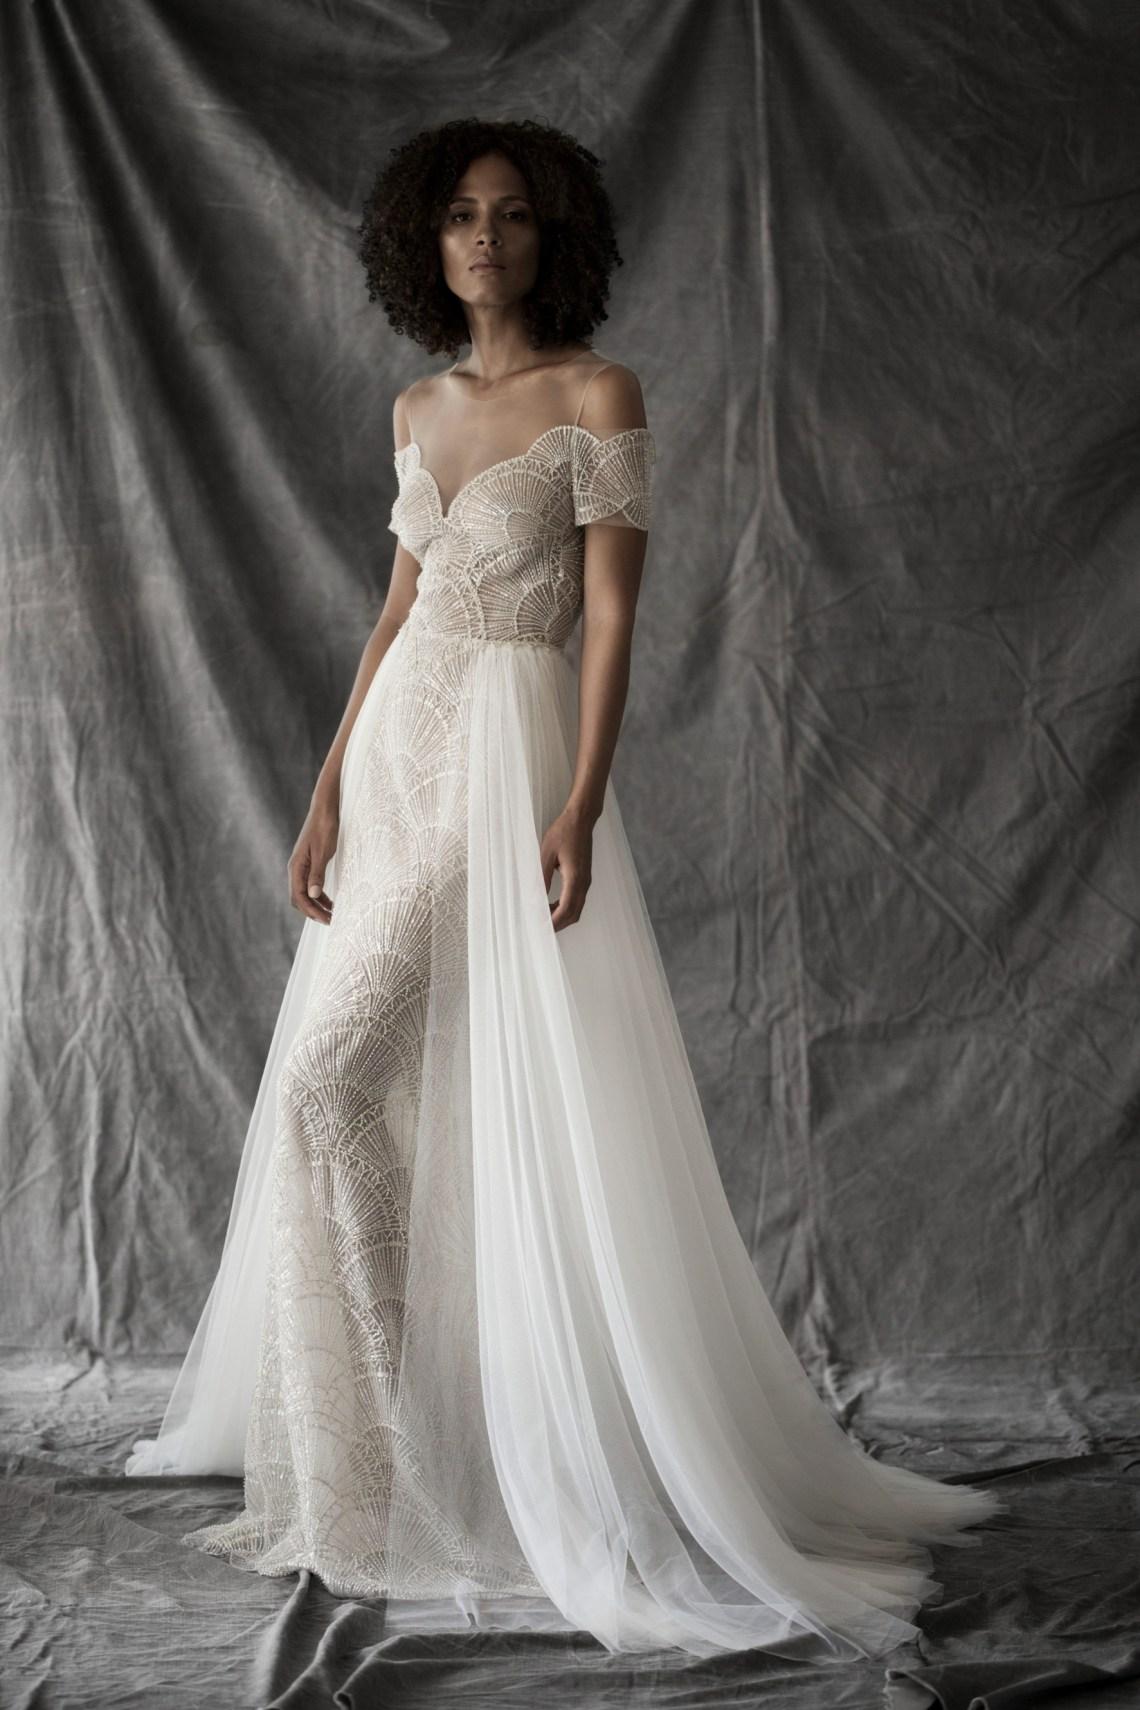 Vestidos de novia con hombros caídos